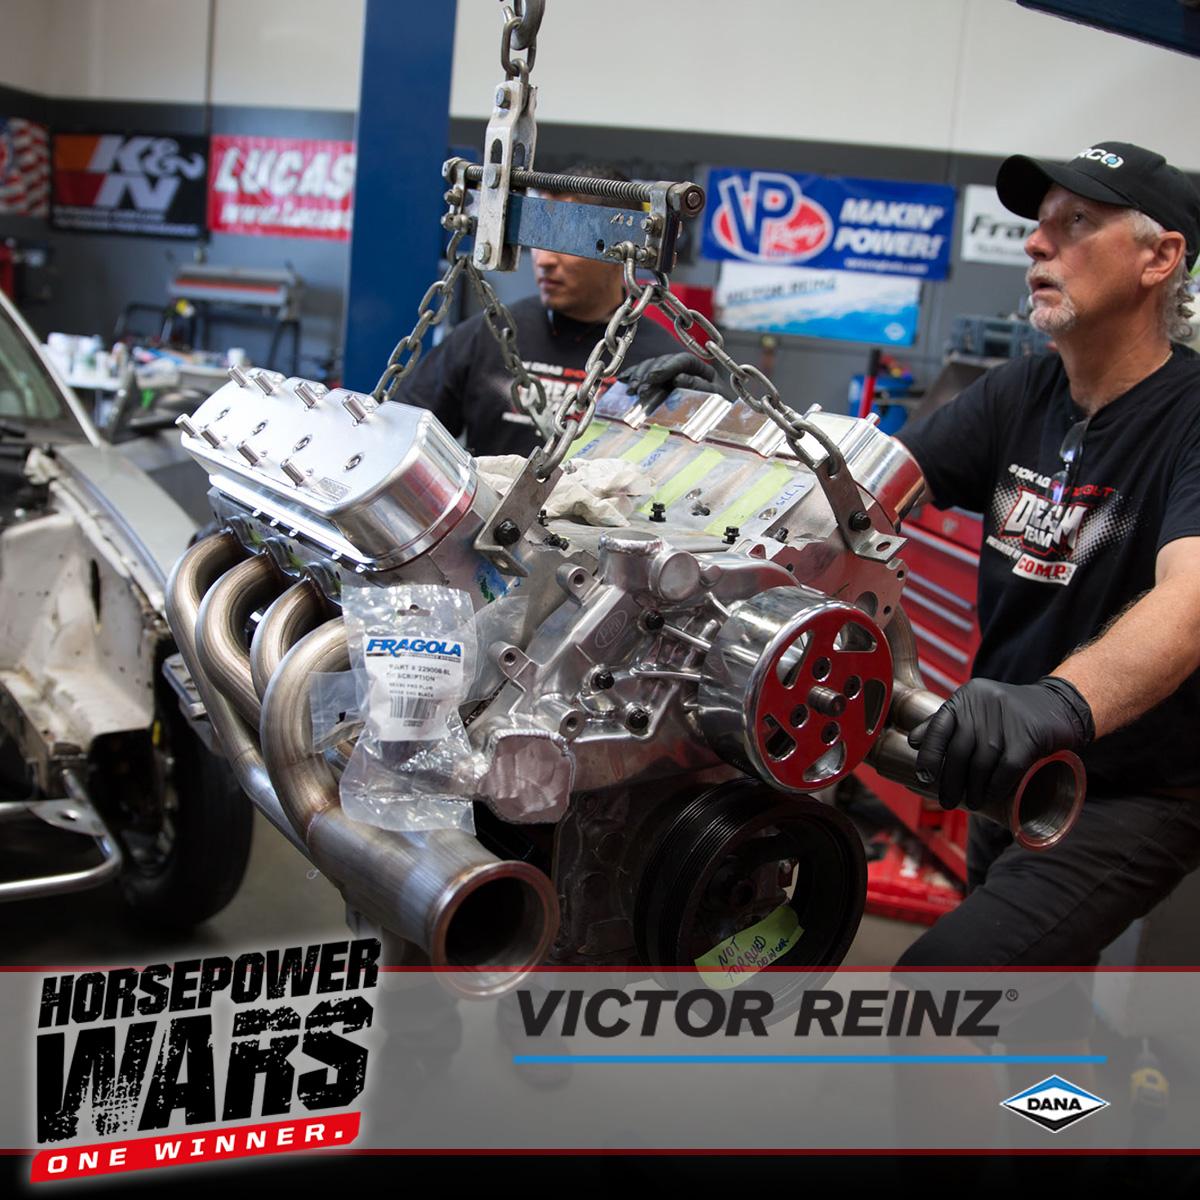 hp wars victor reinz